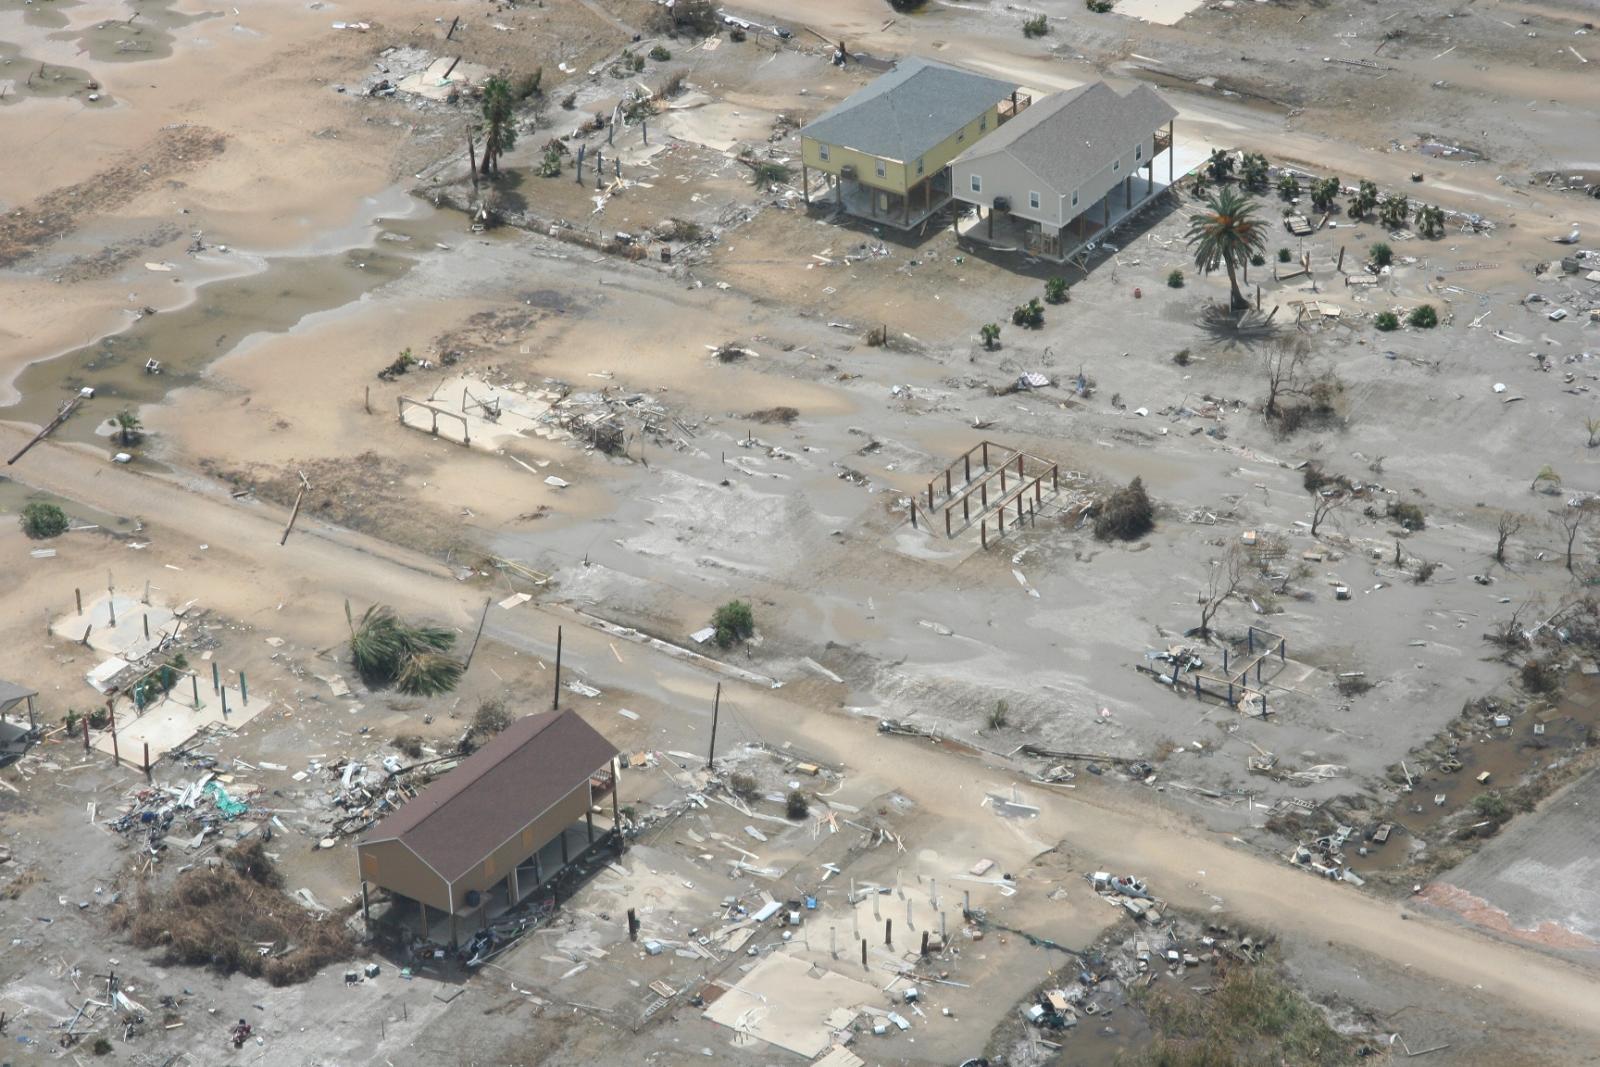 Hurricane Ike Bolivar Peninsula Damage